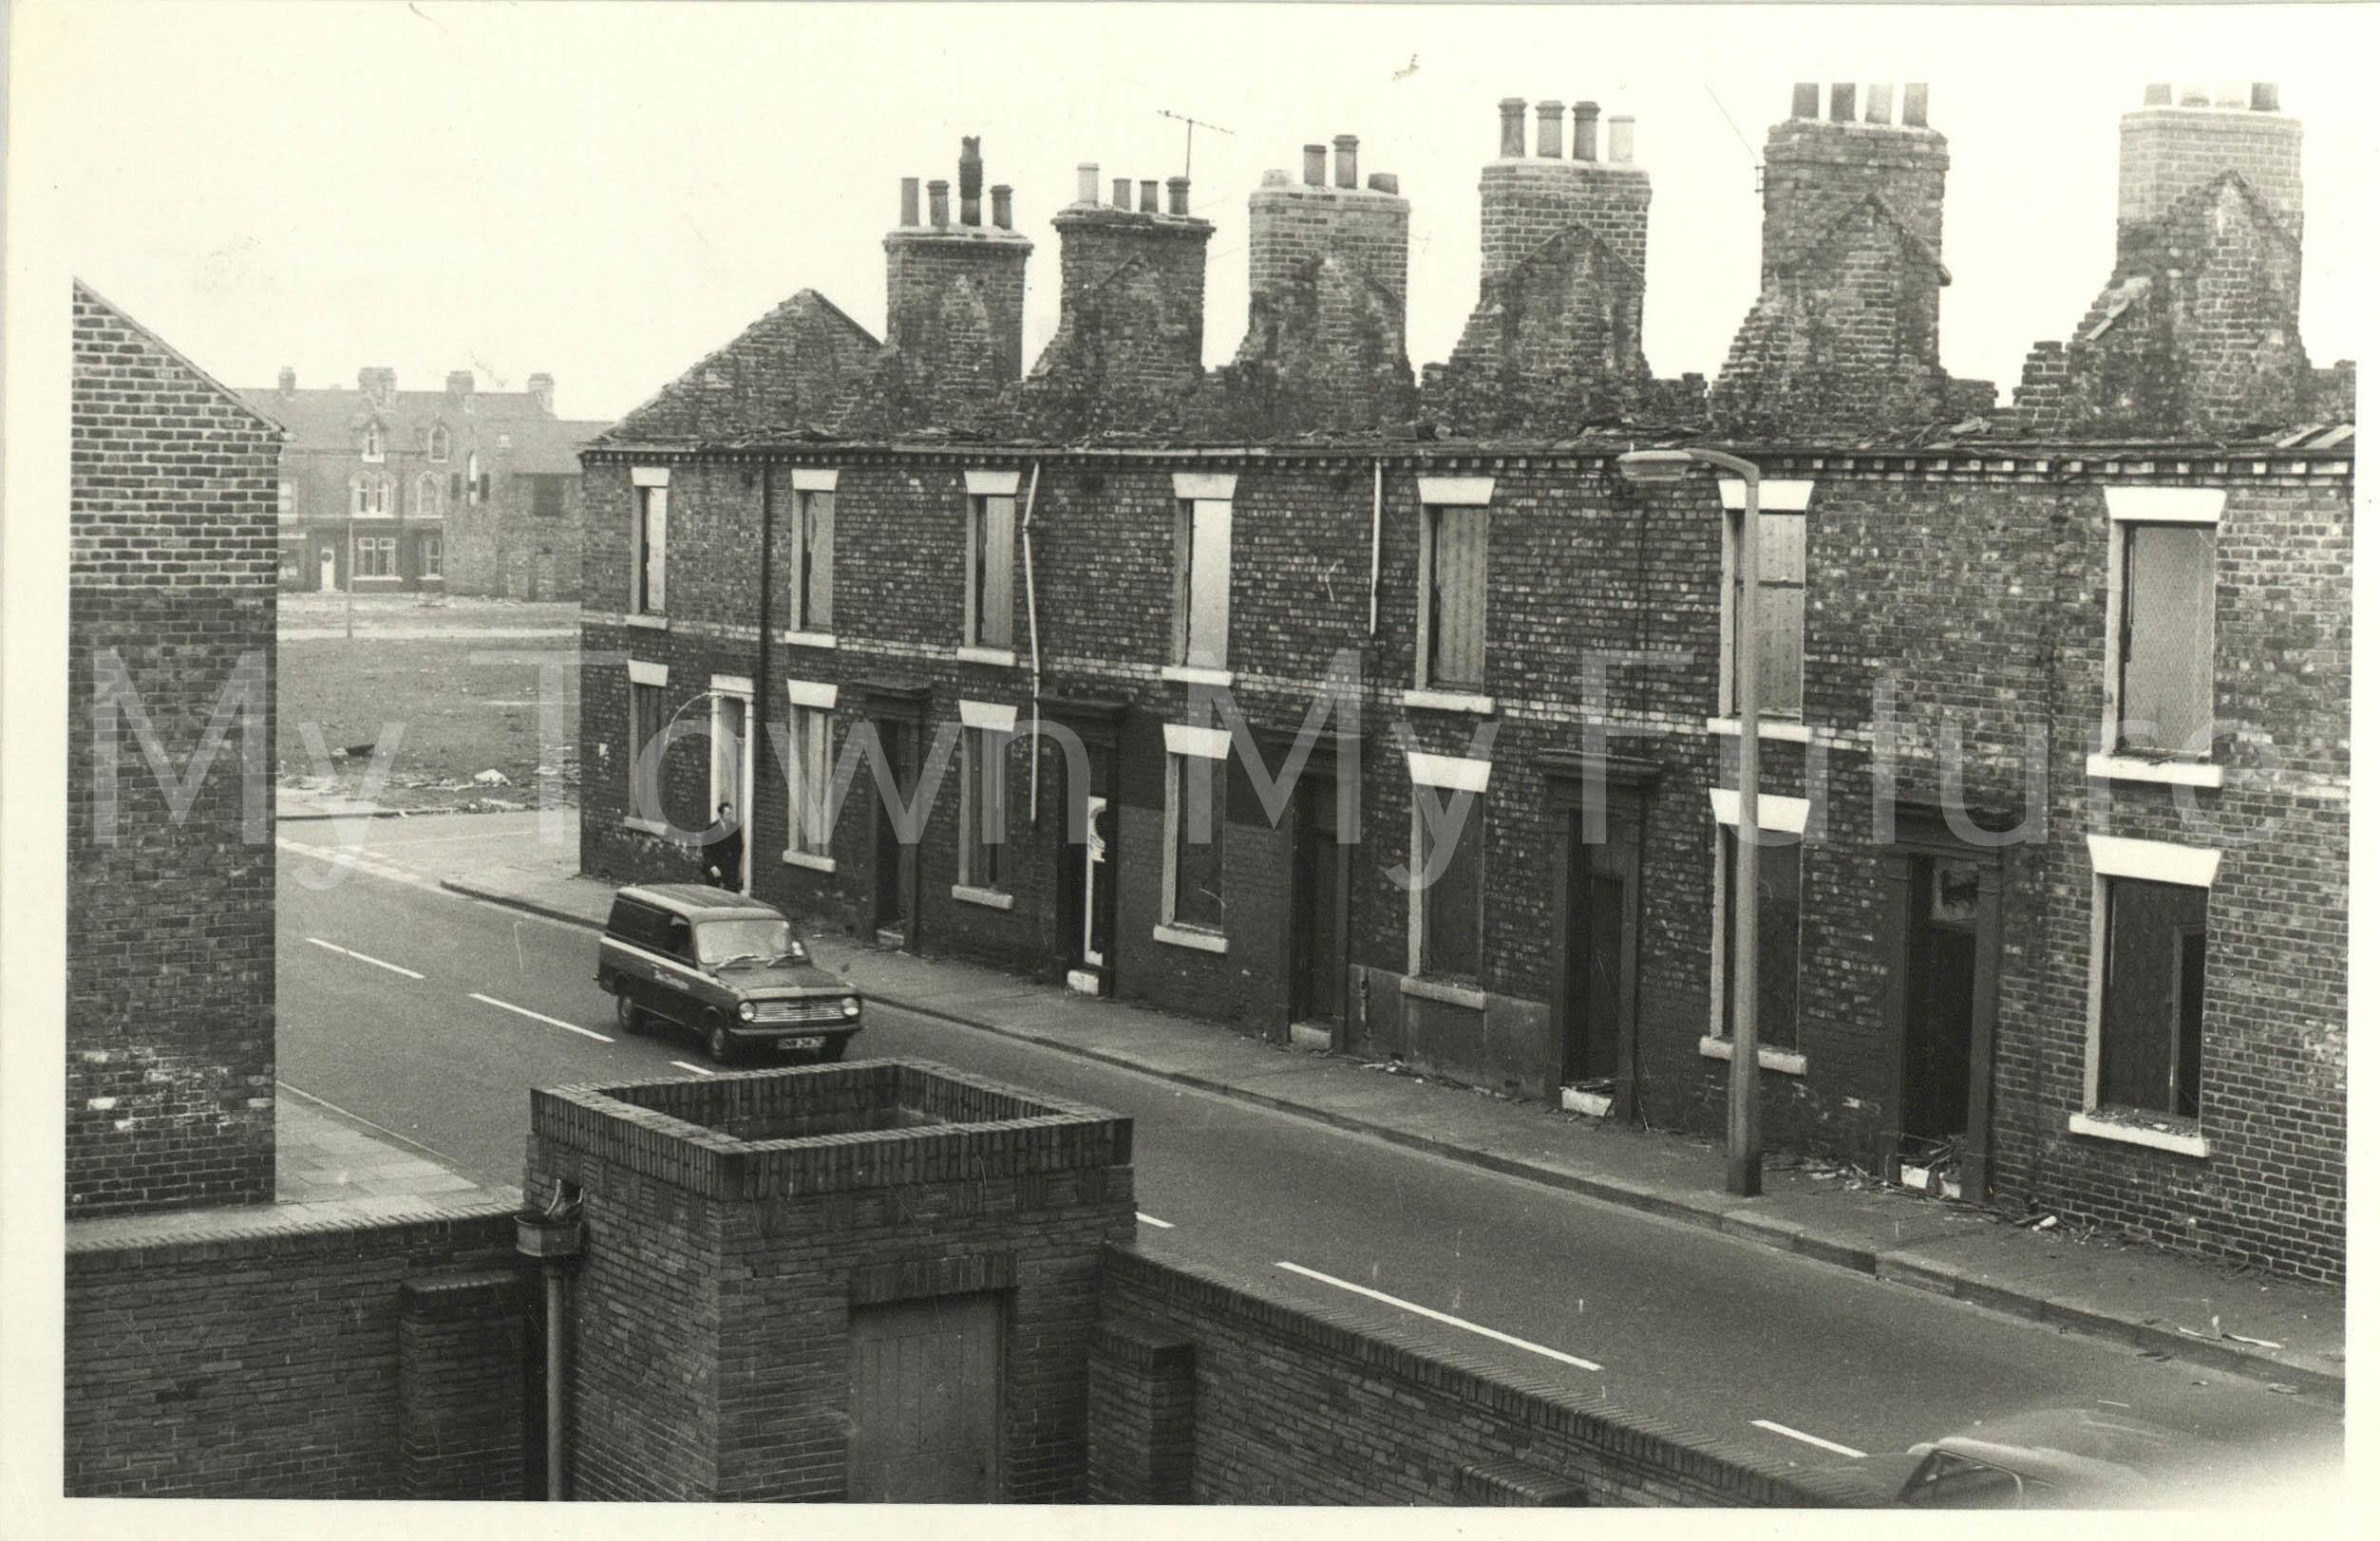 Union Street 1971